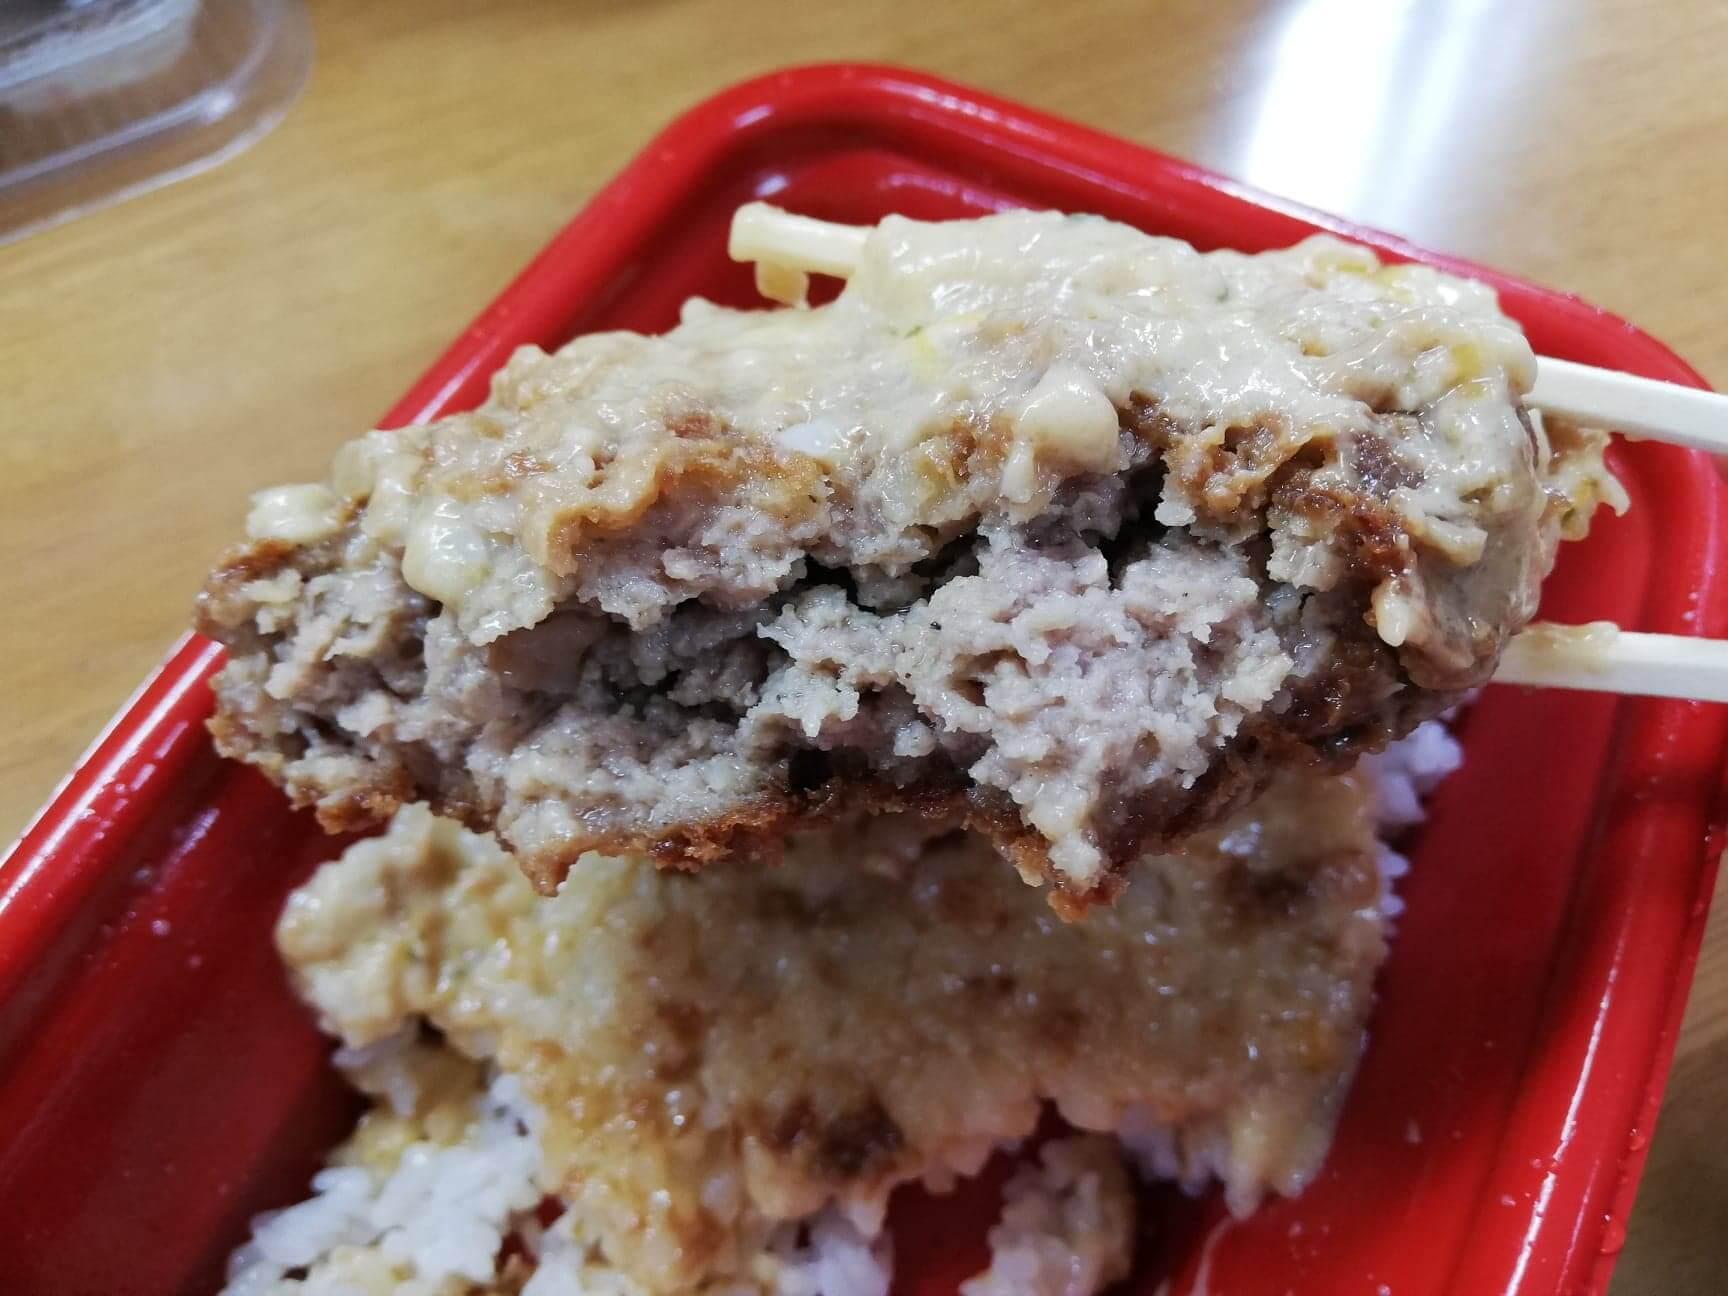 松乃家(松のや)の『ごちそうハンバーグファミリーセット』の、ホワイトガーリックチーズソース定食の写真